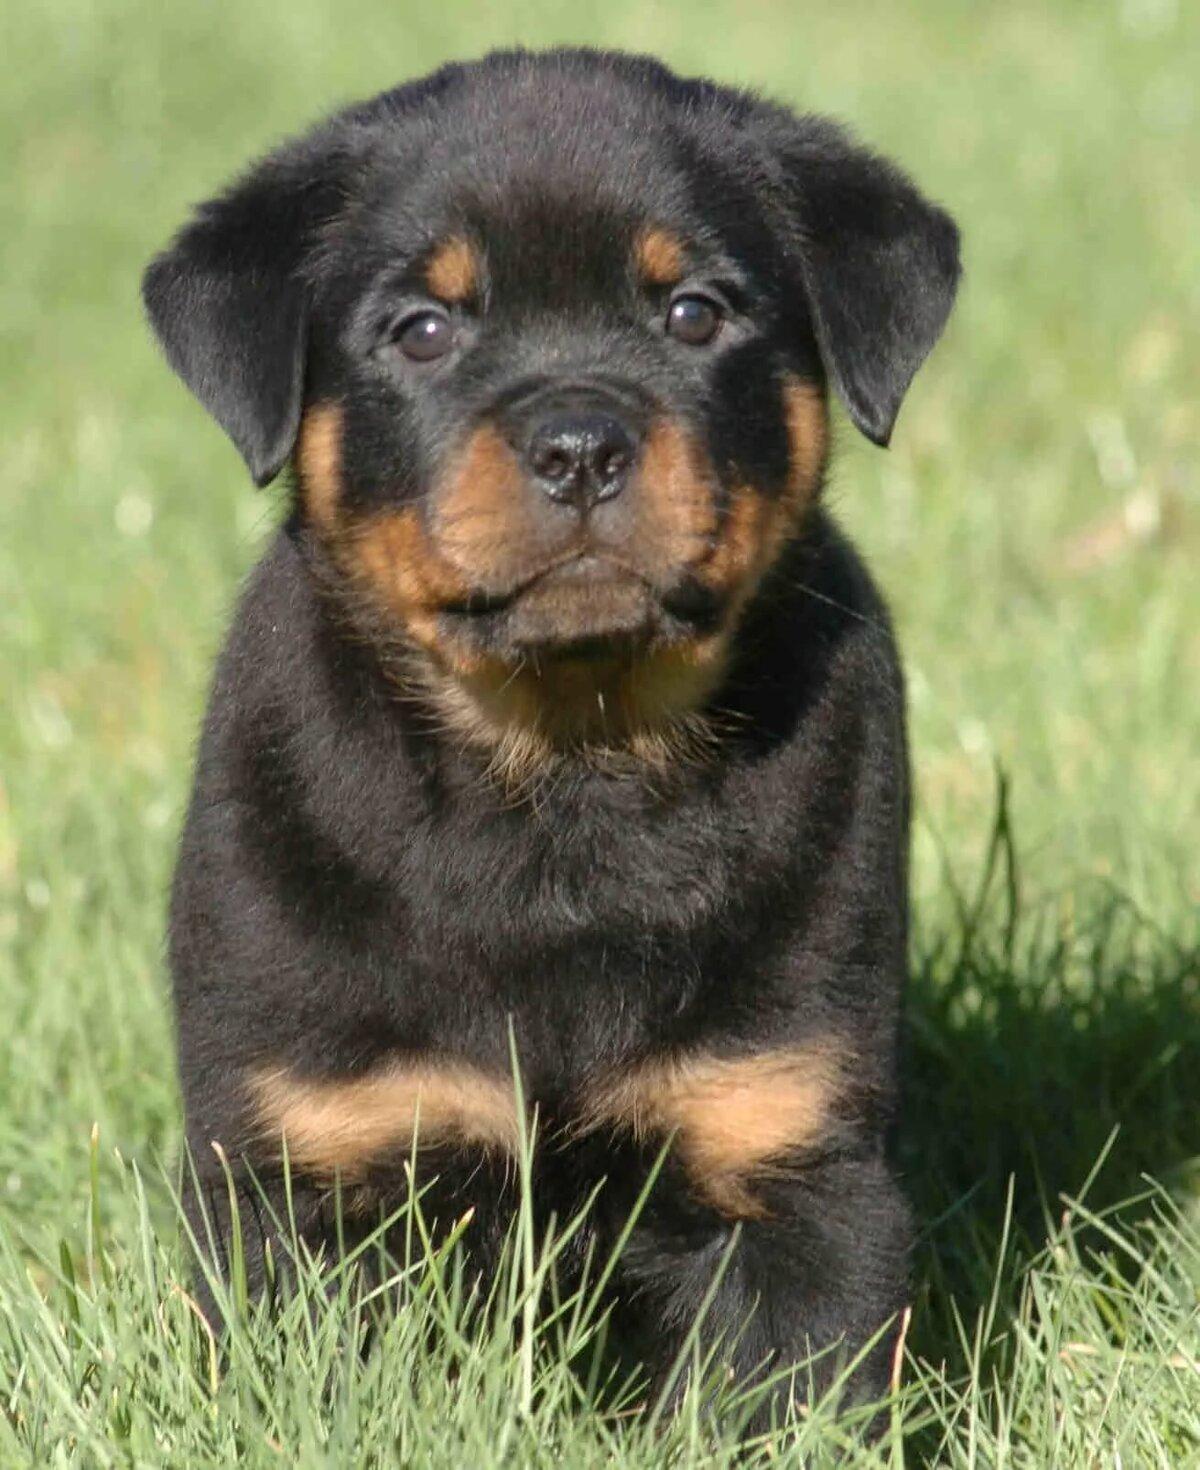 rottweiler dog images - HD1024×1254